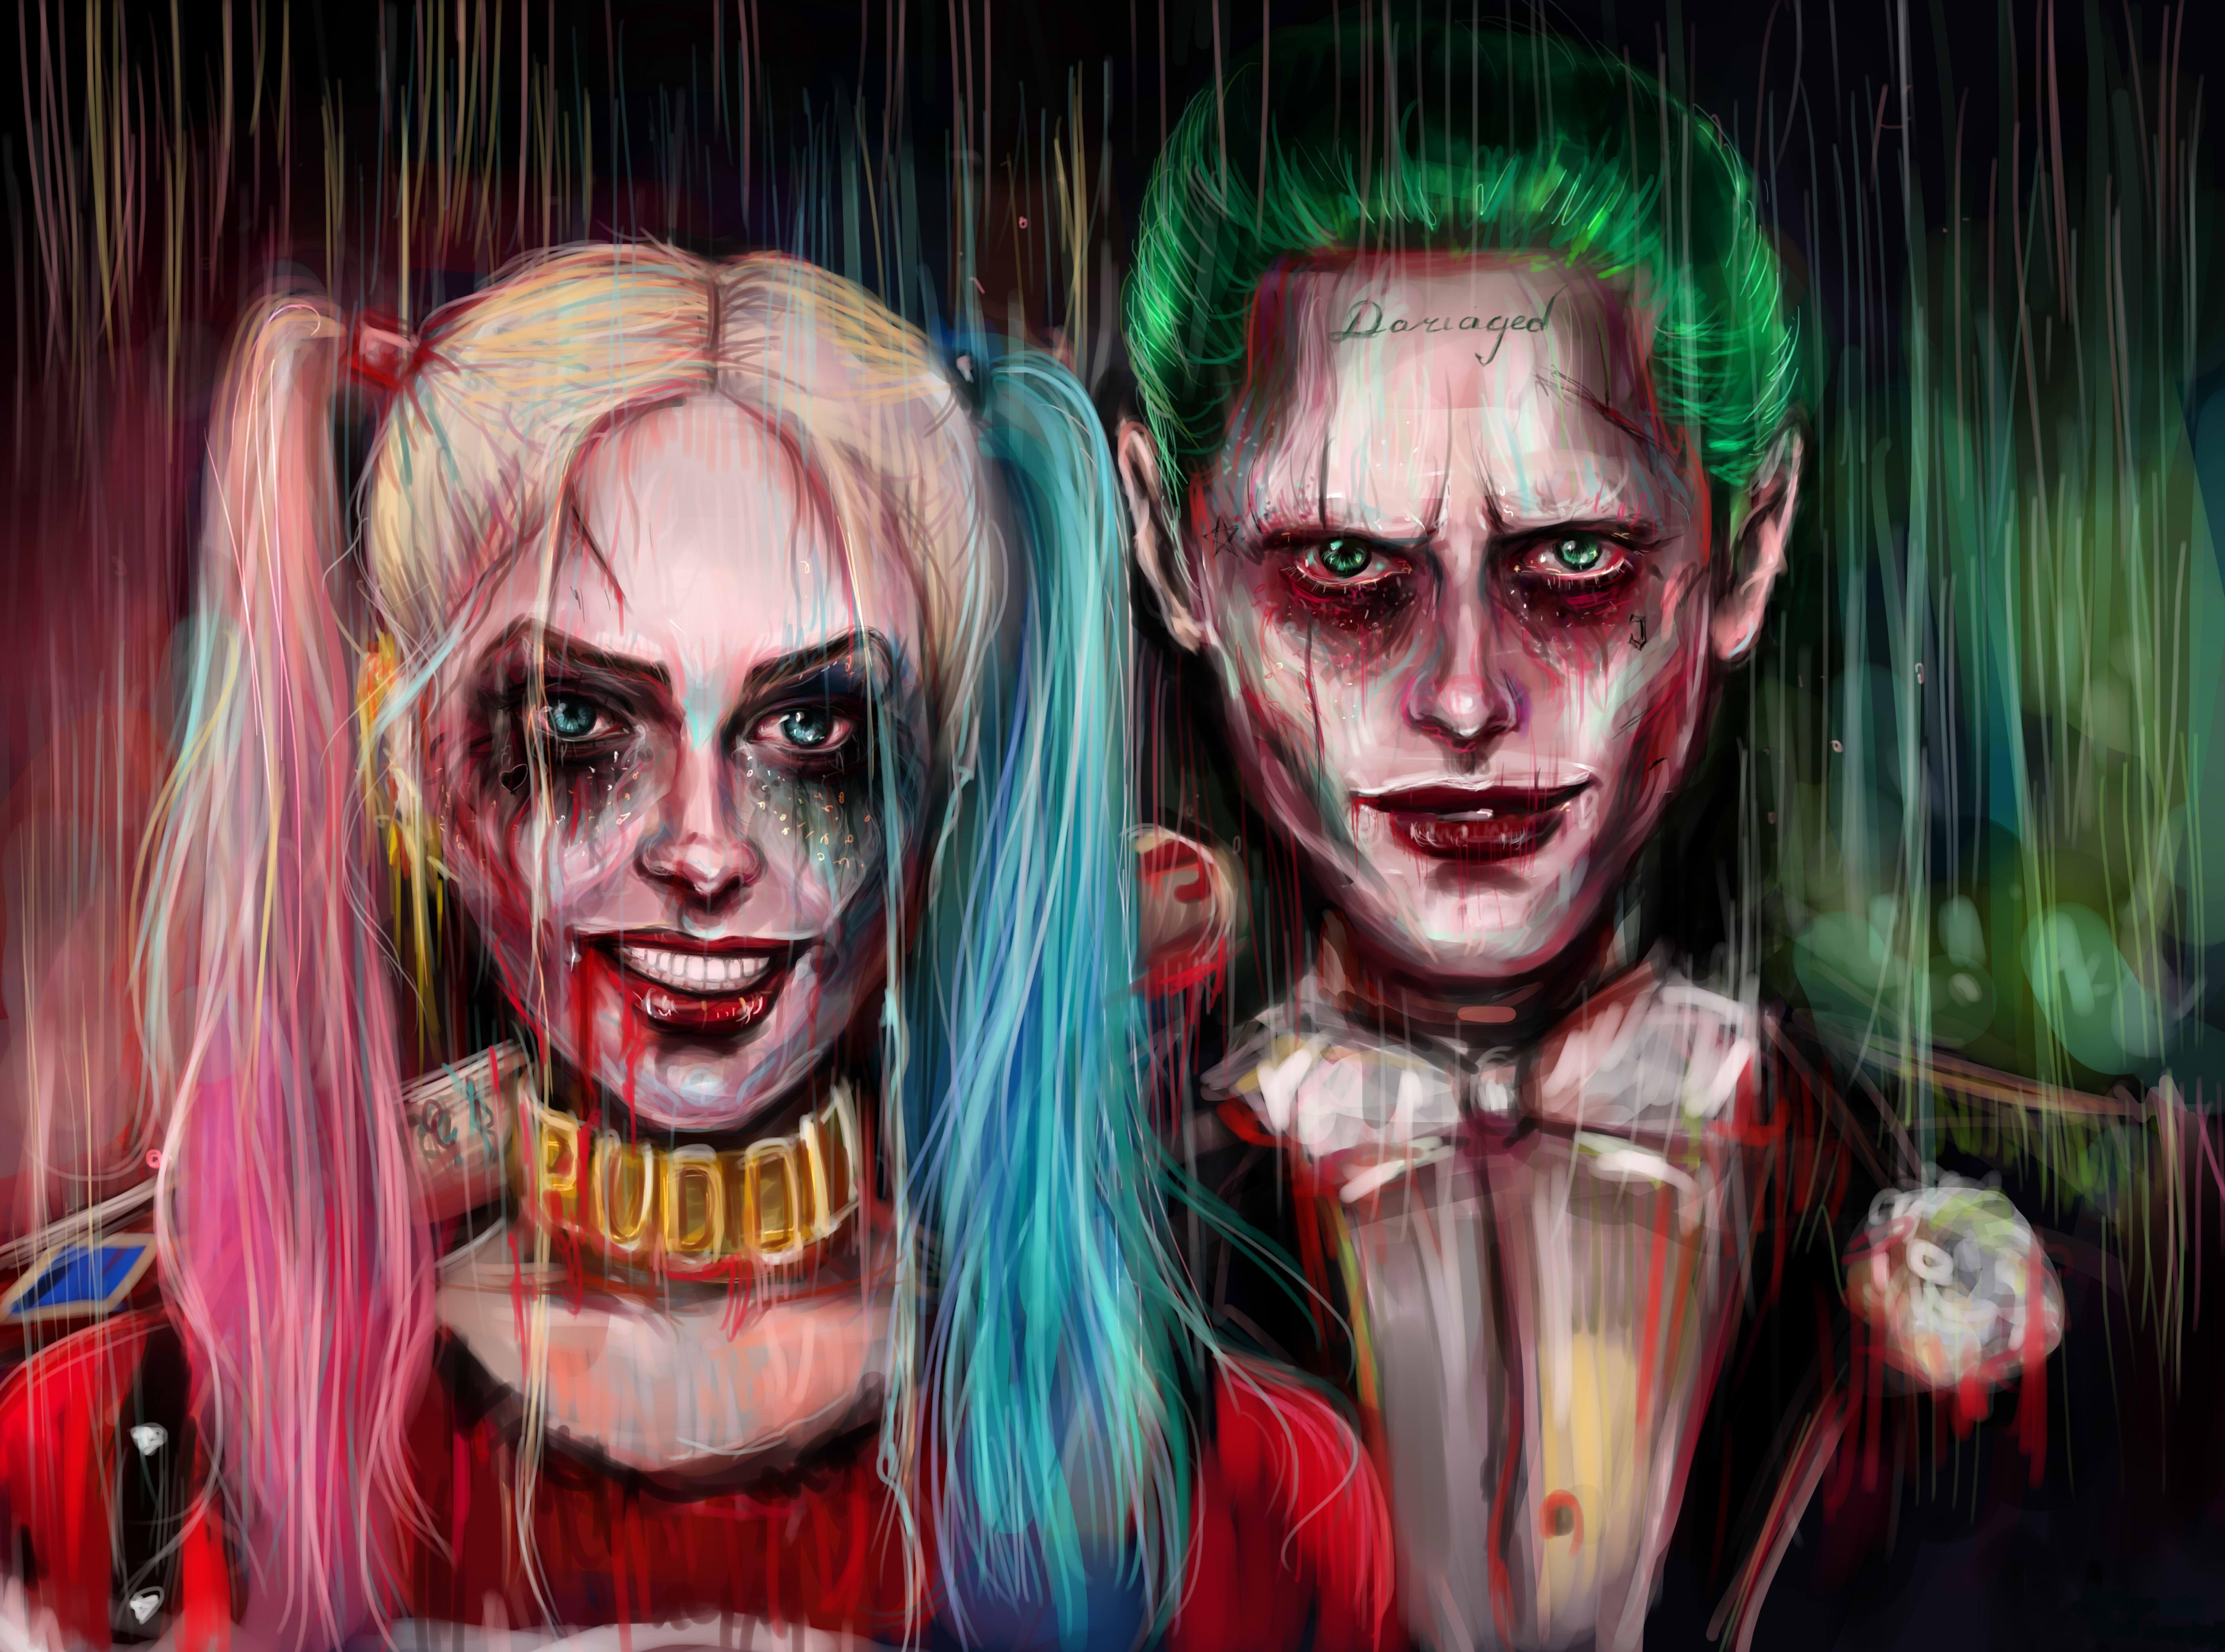 Harley Quinn Joker Painting Artwork 4k 5k, HD Artist, 4k